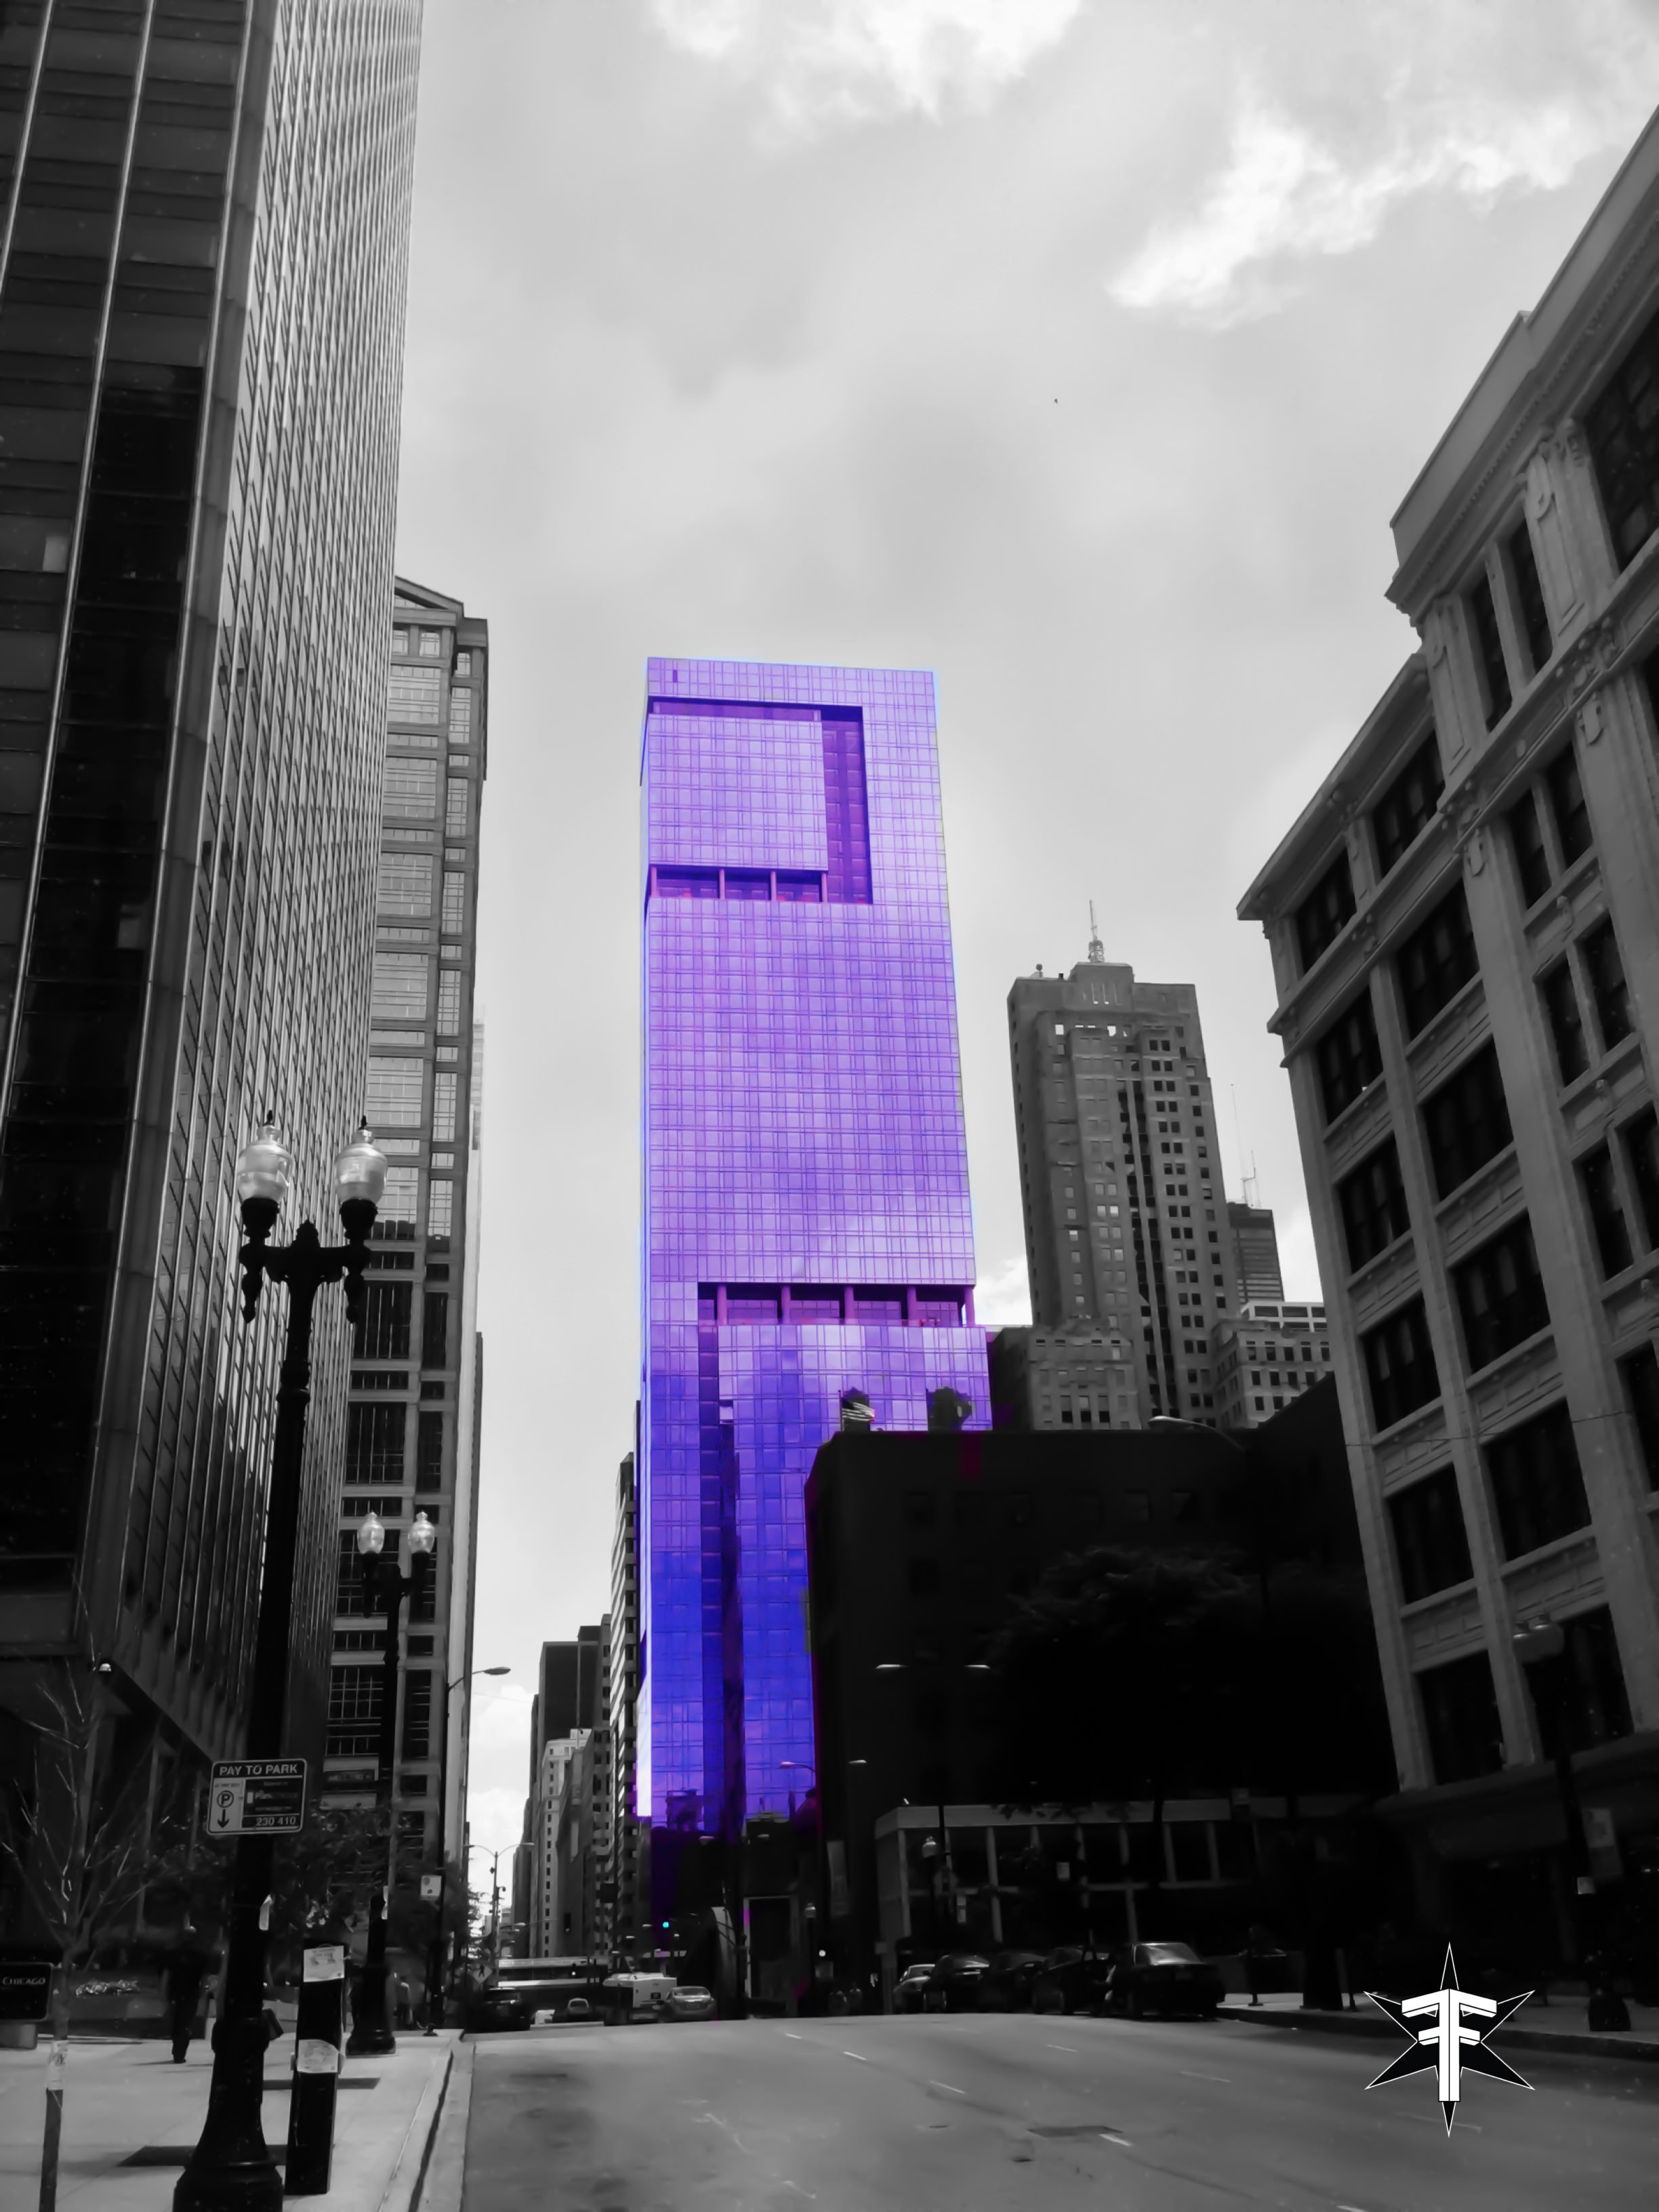 chicago architecture eric formato photography design arquitectura architettura buildings skyscraper skyscrapers-84.jpg